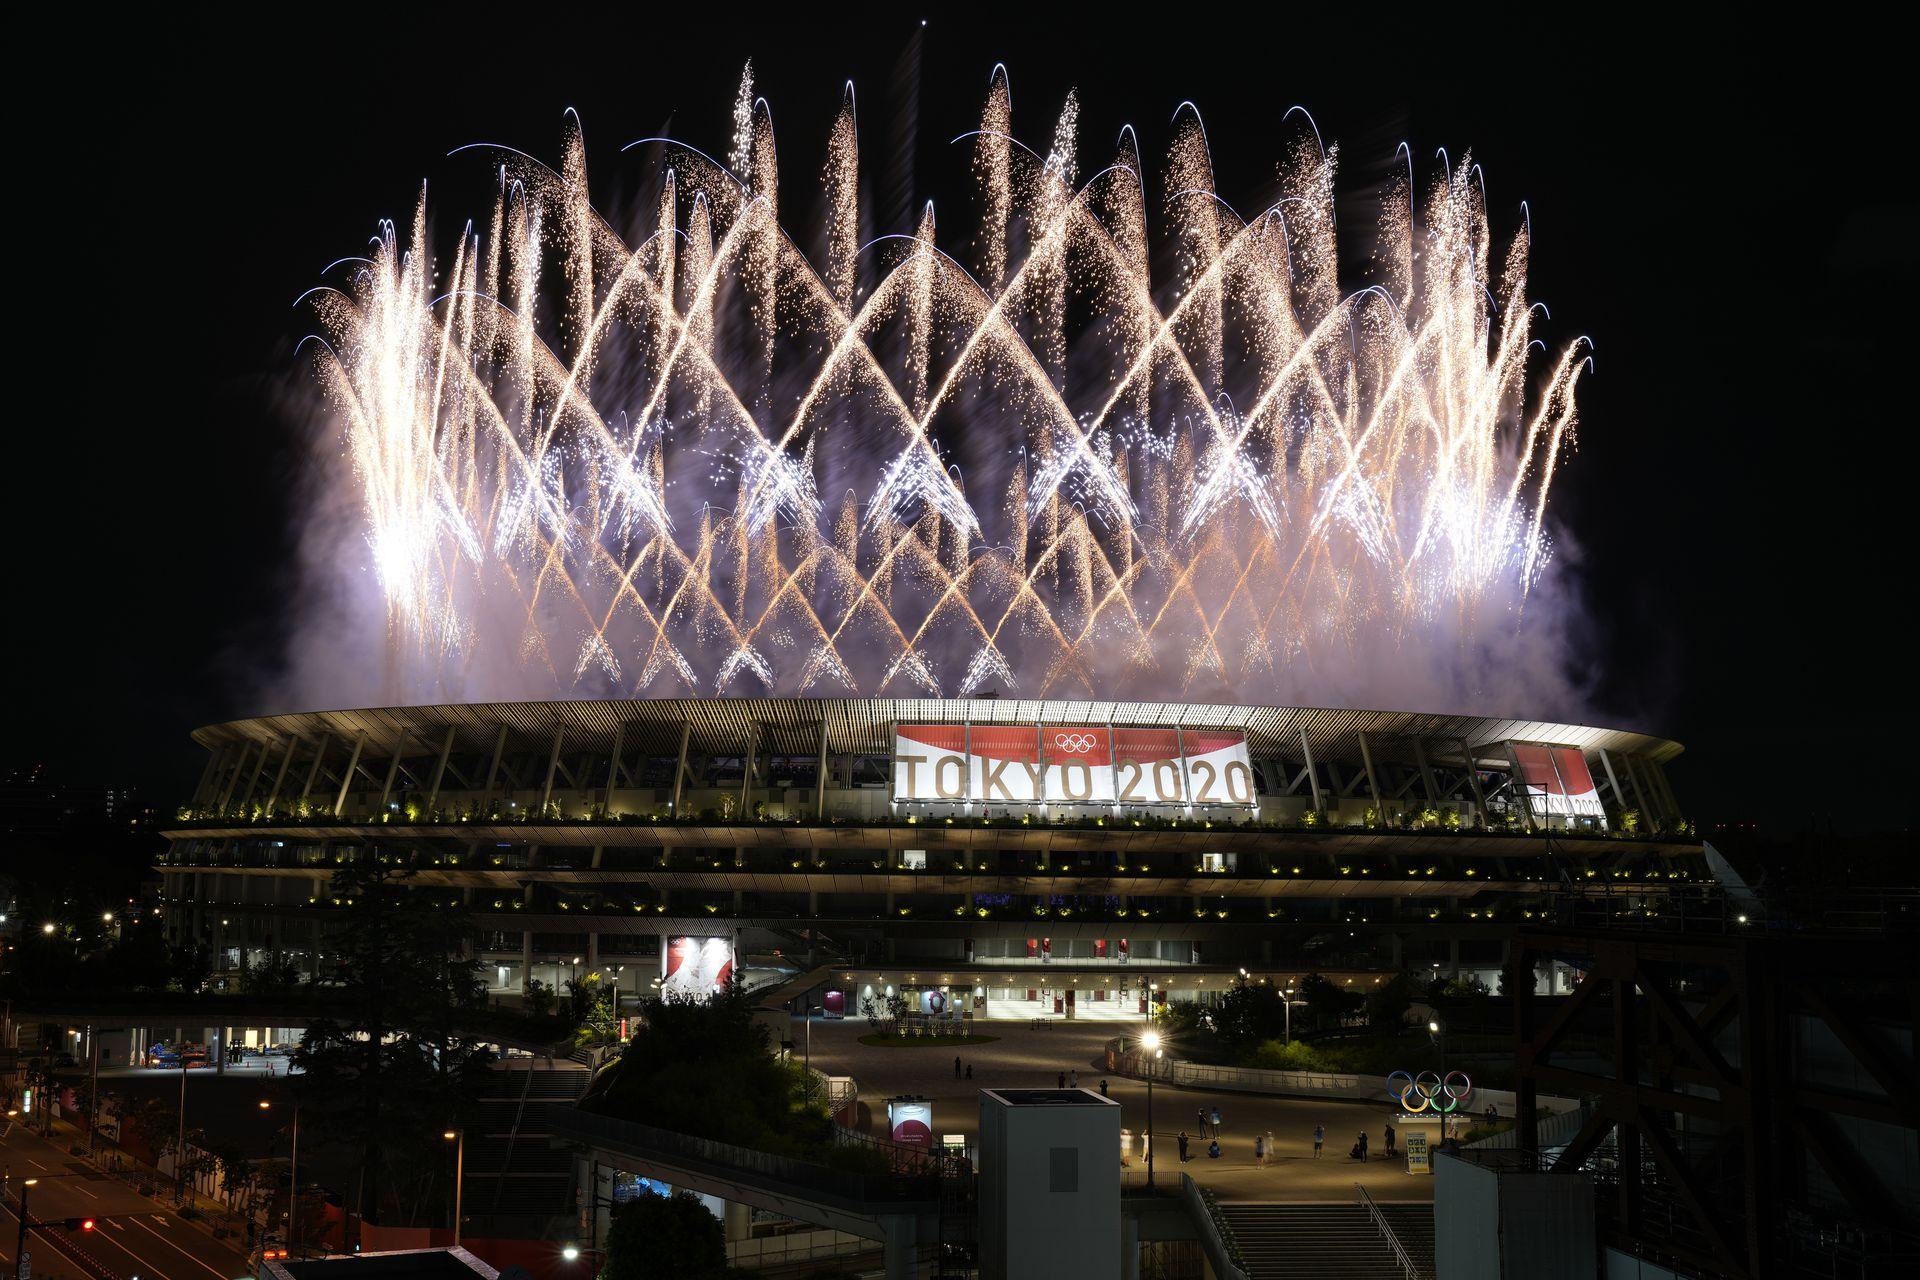 Los fuegos artificiales se iluminan sobre el Estadio Nacional durante la ceremonia de apertura de los Juegos Olímpicos de Verano de 2020, el viernes 23 de julio de 2021, en Tokio